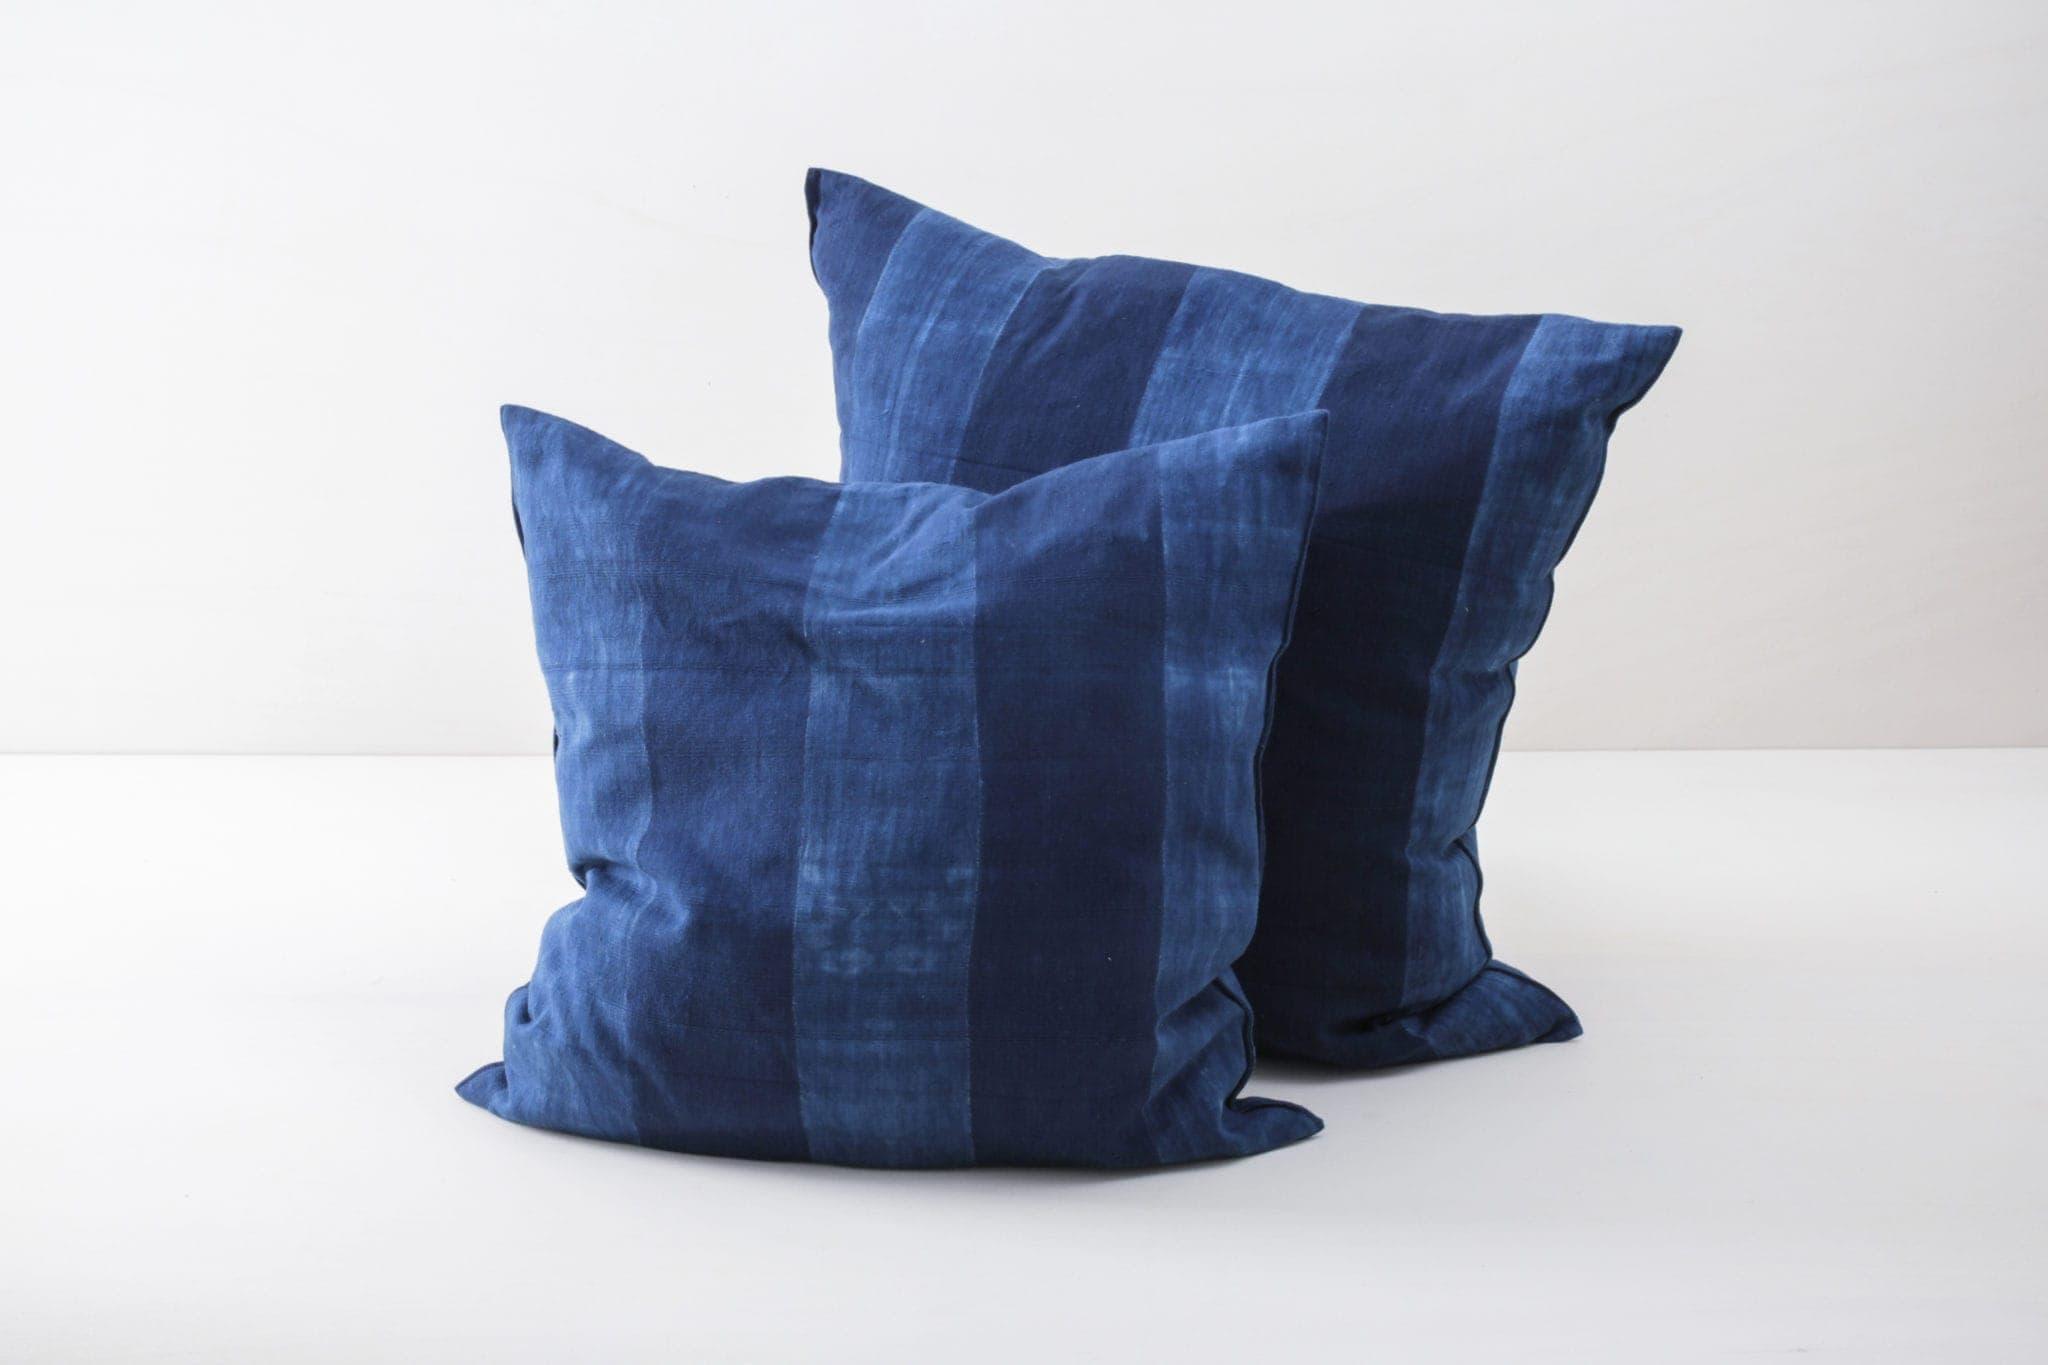 Gartendekoration, Hochzeit, blaue Kissen mieten